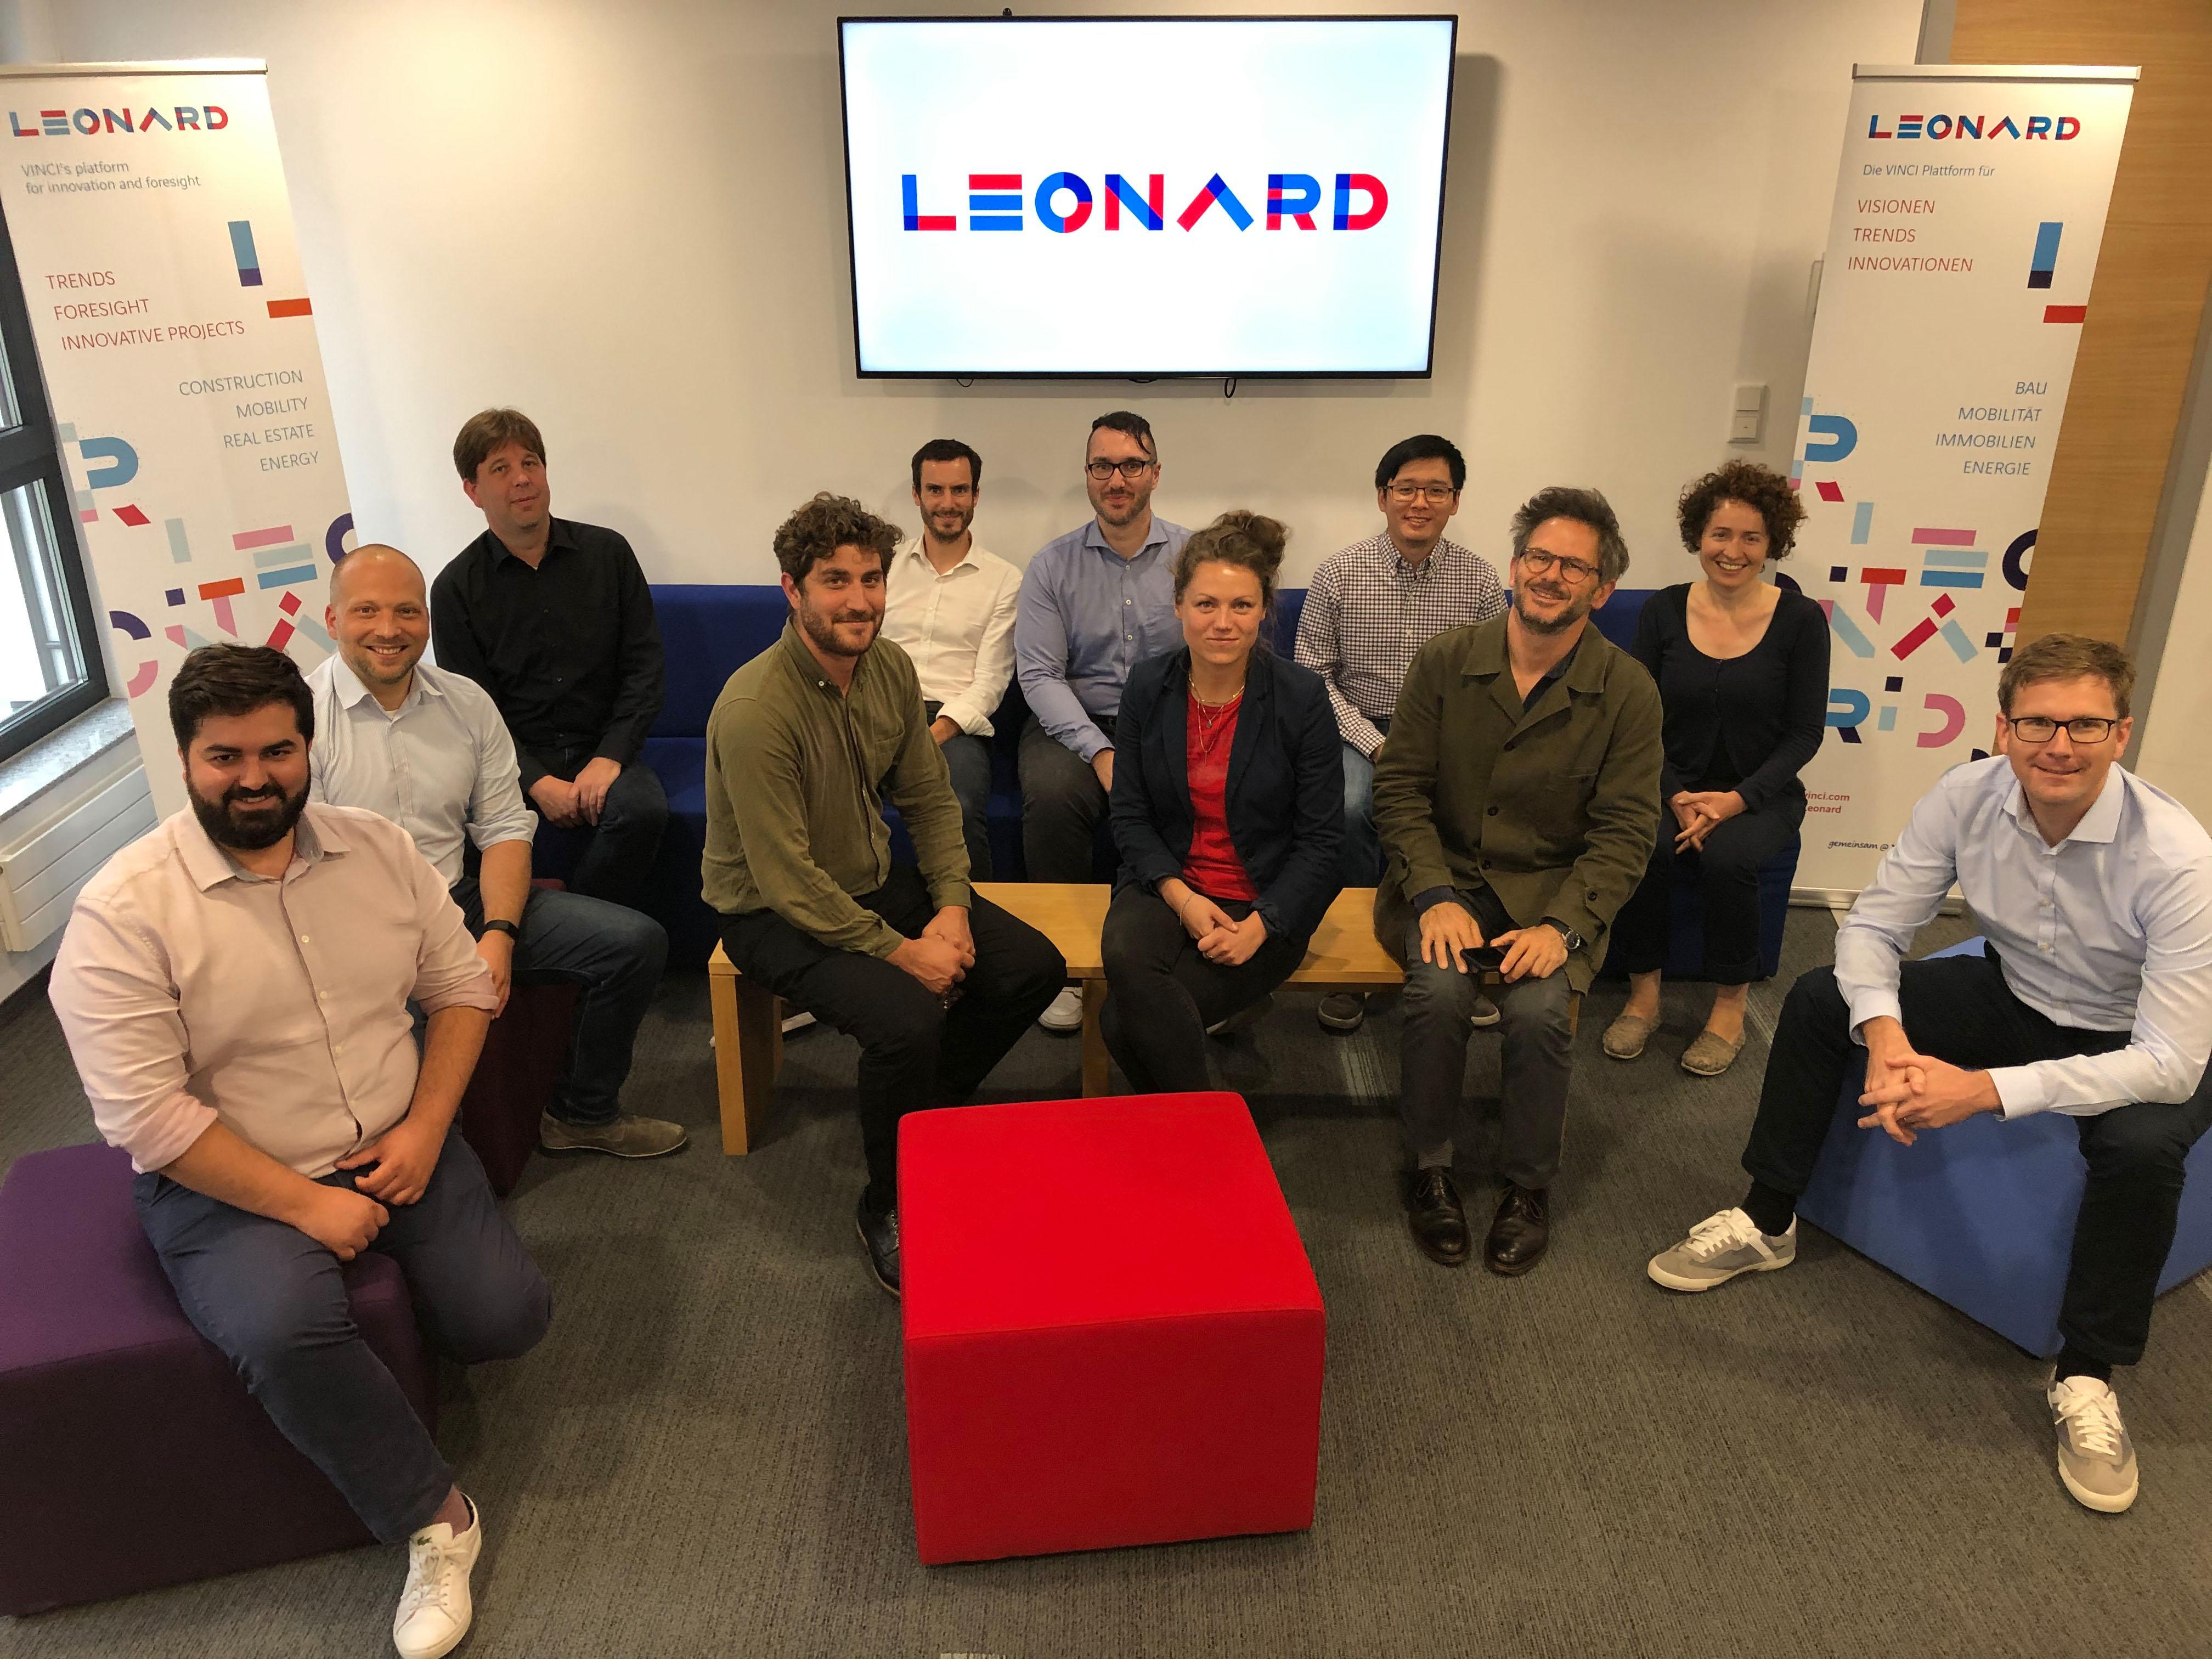 Herzlich Willkommen bei Leonard!